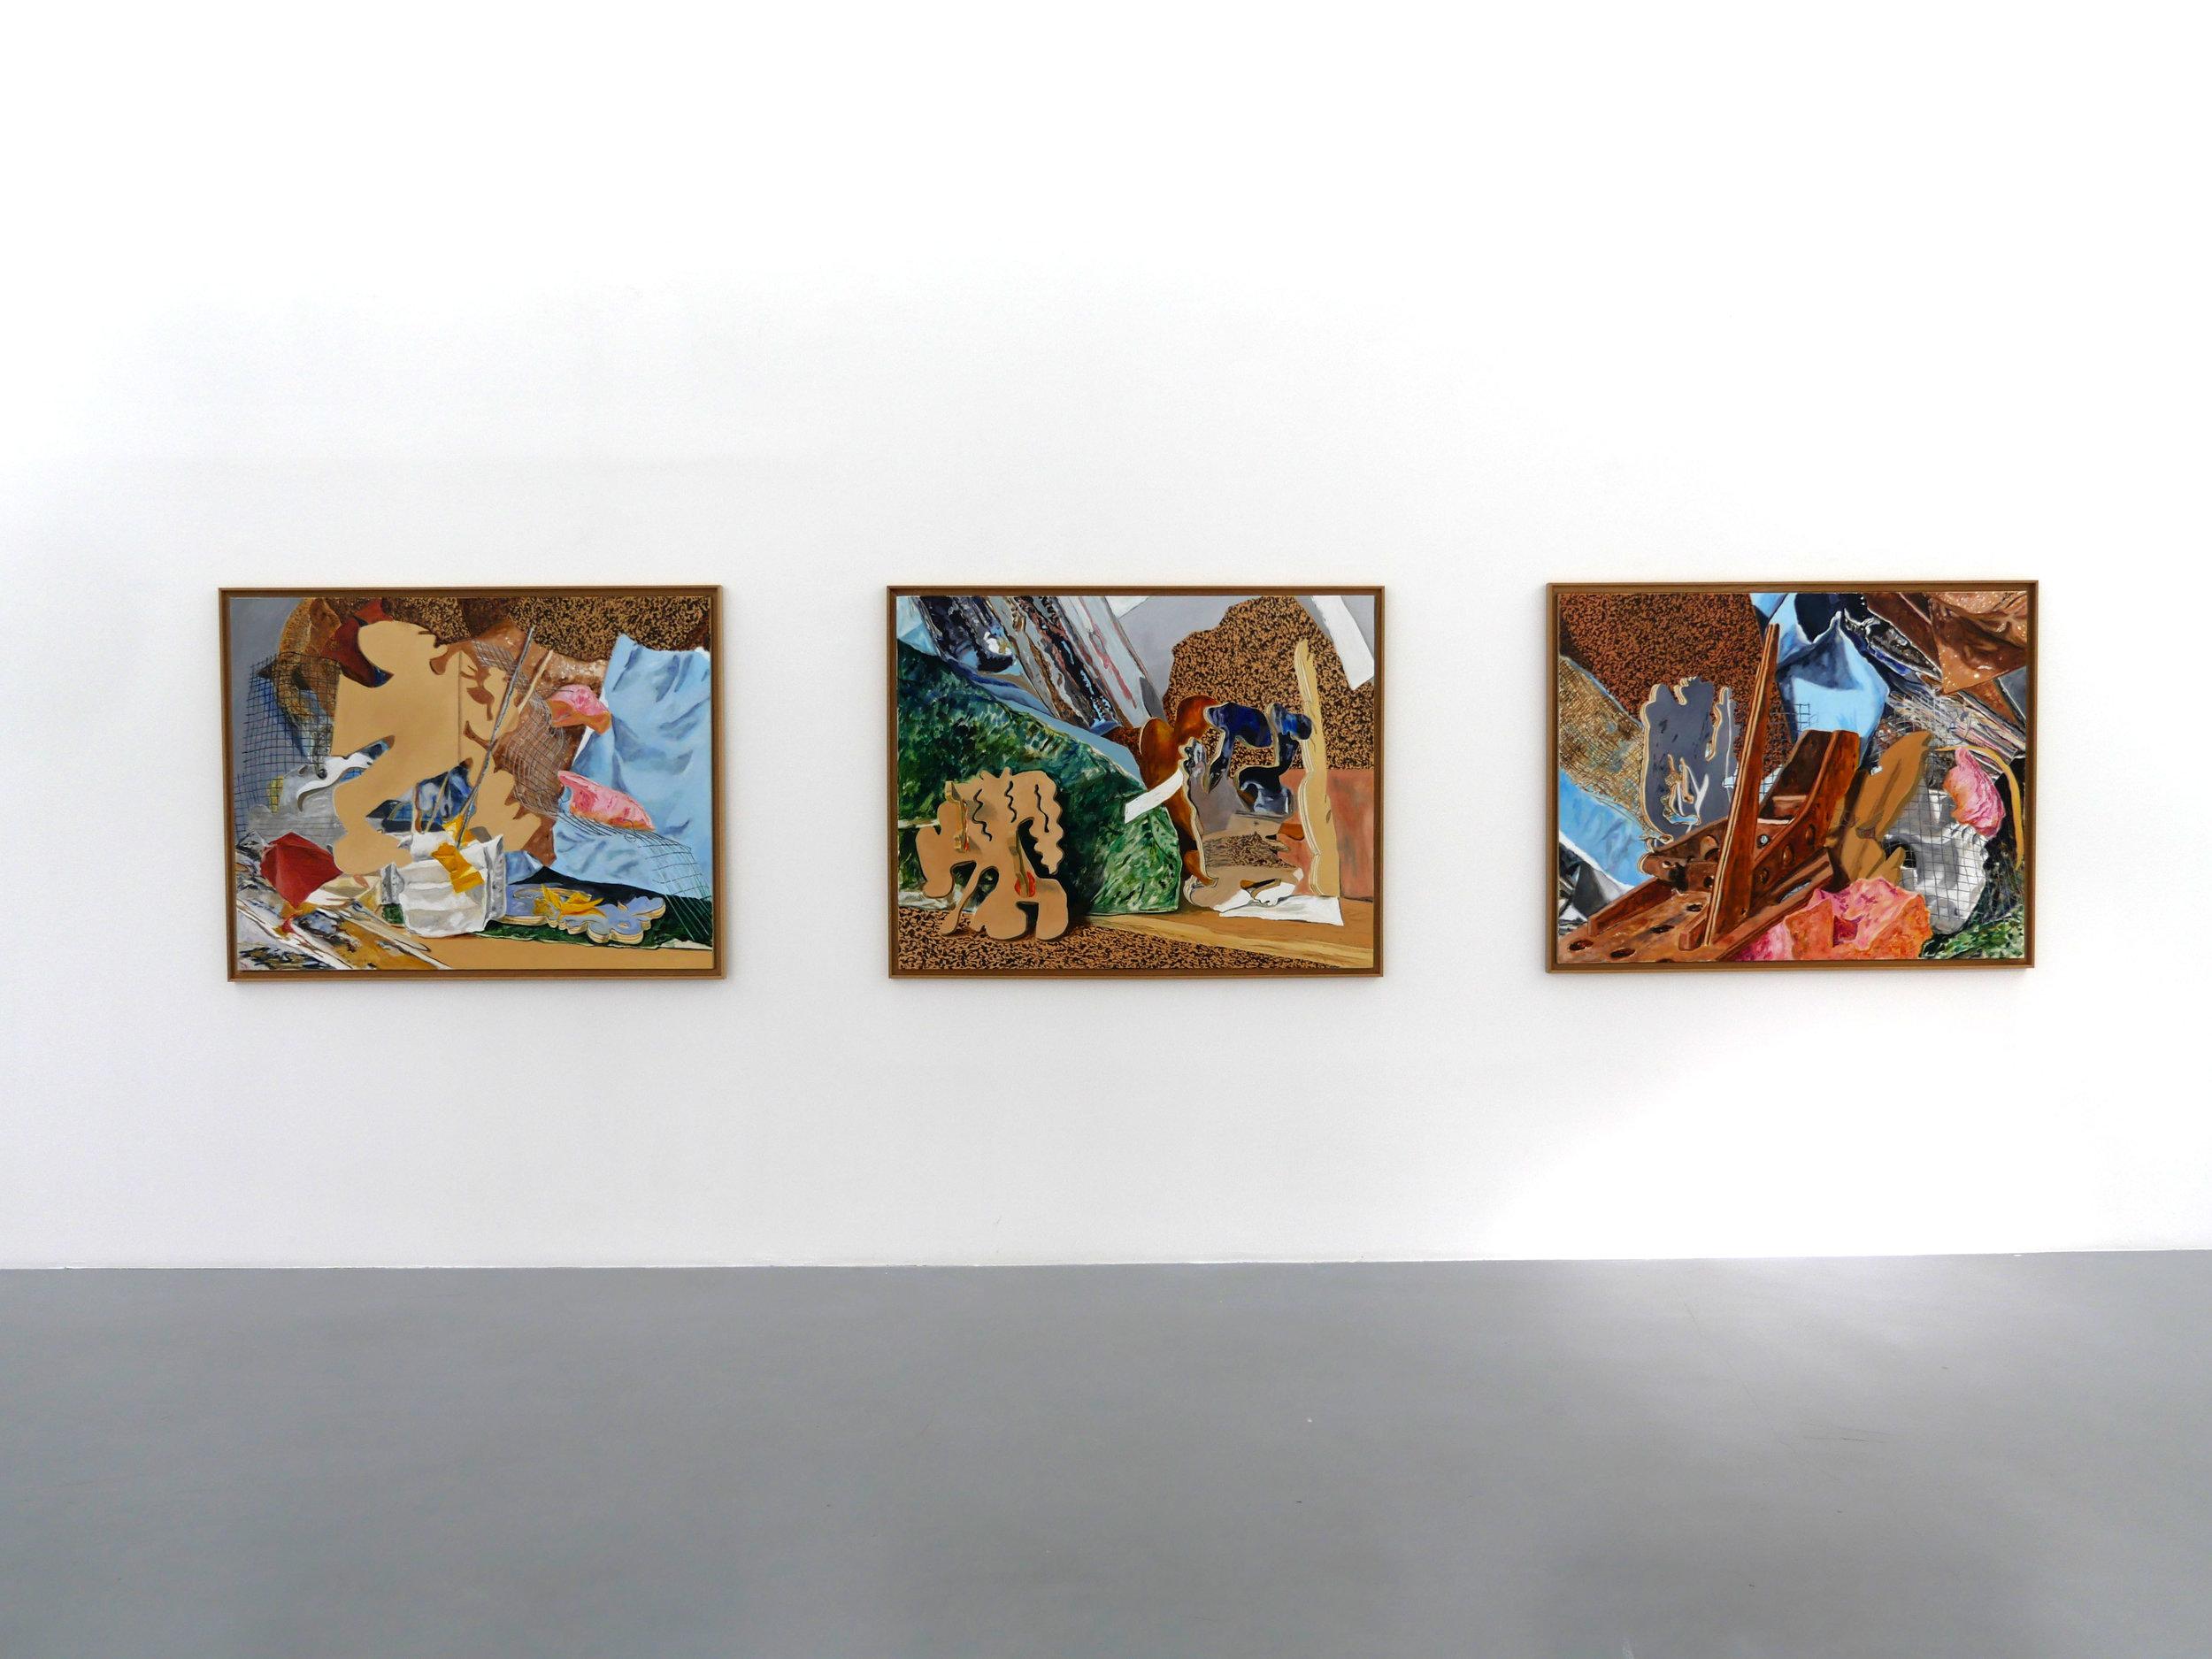 Nouvelles Odyssées - Léonard Martin (artiste) et Joséphine Dupuy-Chavanat (curatrice)Léonard Martin fait partie de ces artistes amoureux de la peinture, de ses possibilités, et de sa contemporanéité. Faisant des aller-retours entre différents média, Léonard travaille à partir de décors qu'il construit et assemble. Réaliste quoique frôlant l'abstraction, il s'attache à reproduire ces sortes de cirques à la Calder en bousculant les échelles et en questionnant notre manière d'appréhender la distance à laquelle nous regardons les objets. A l'Université Paris-Dauphine, vidéo, peintures et installations s'entrecroisent. L'artiste sort d'un cadre prédéfini de l'art et alimente chacune de ces disciplines, engage une conversation, les transpose et les unit.Joséphine Dupuy-Chavanat